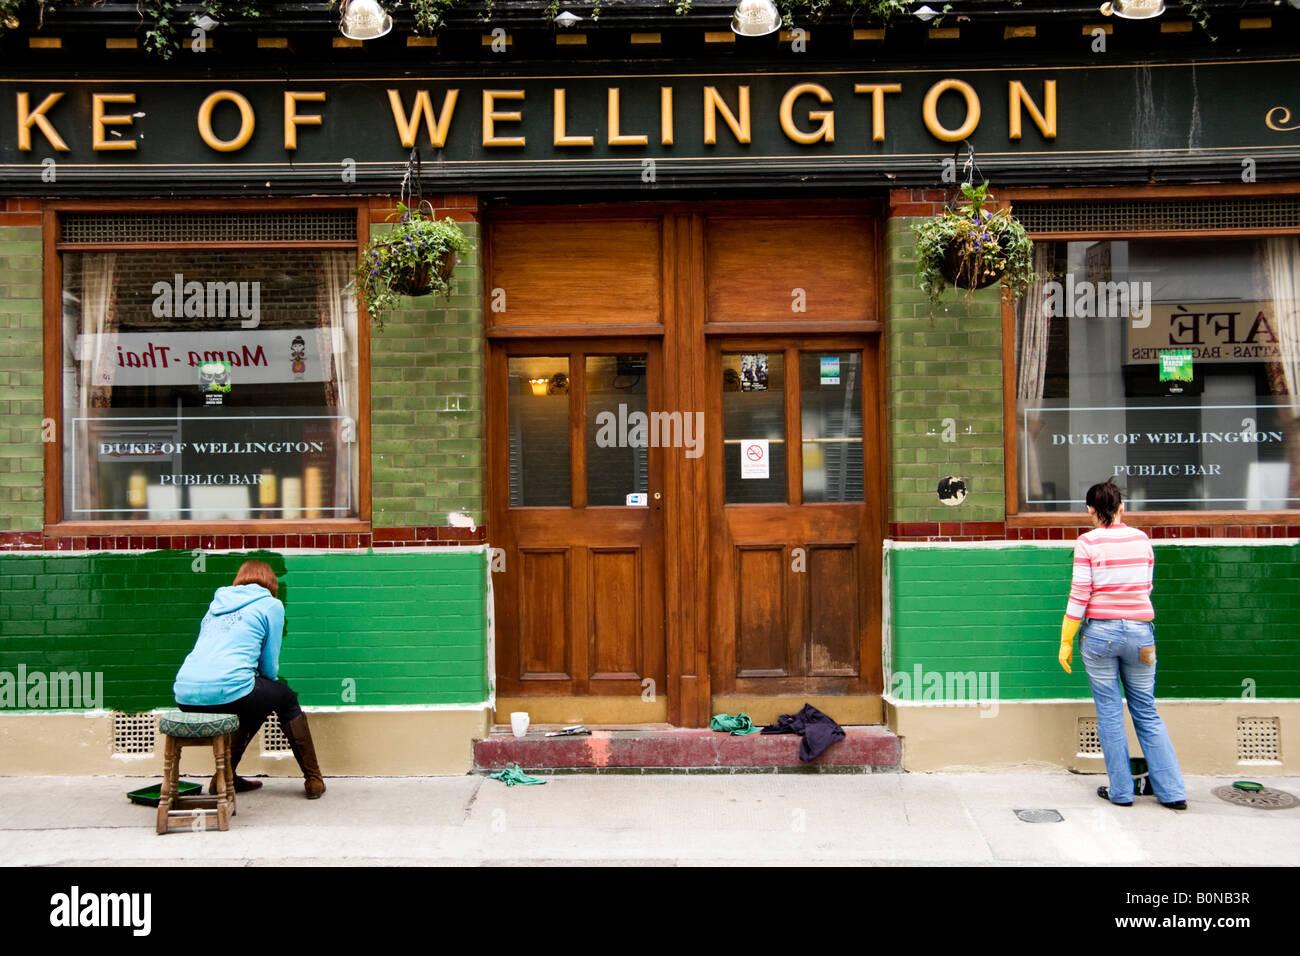 Deux femmes peinture exterieure de public house dans la région de East End de Londres Angleterre Photo Stock